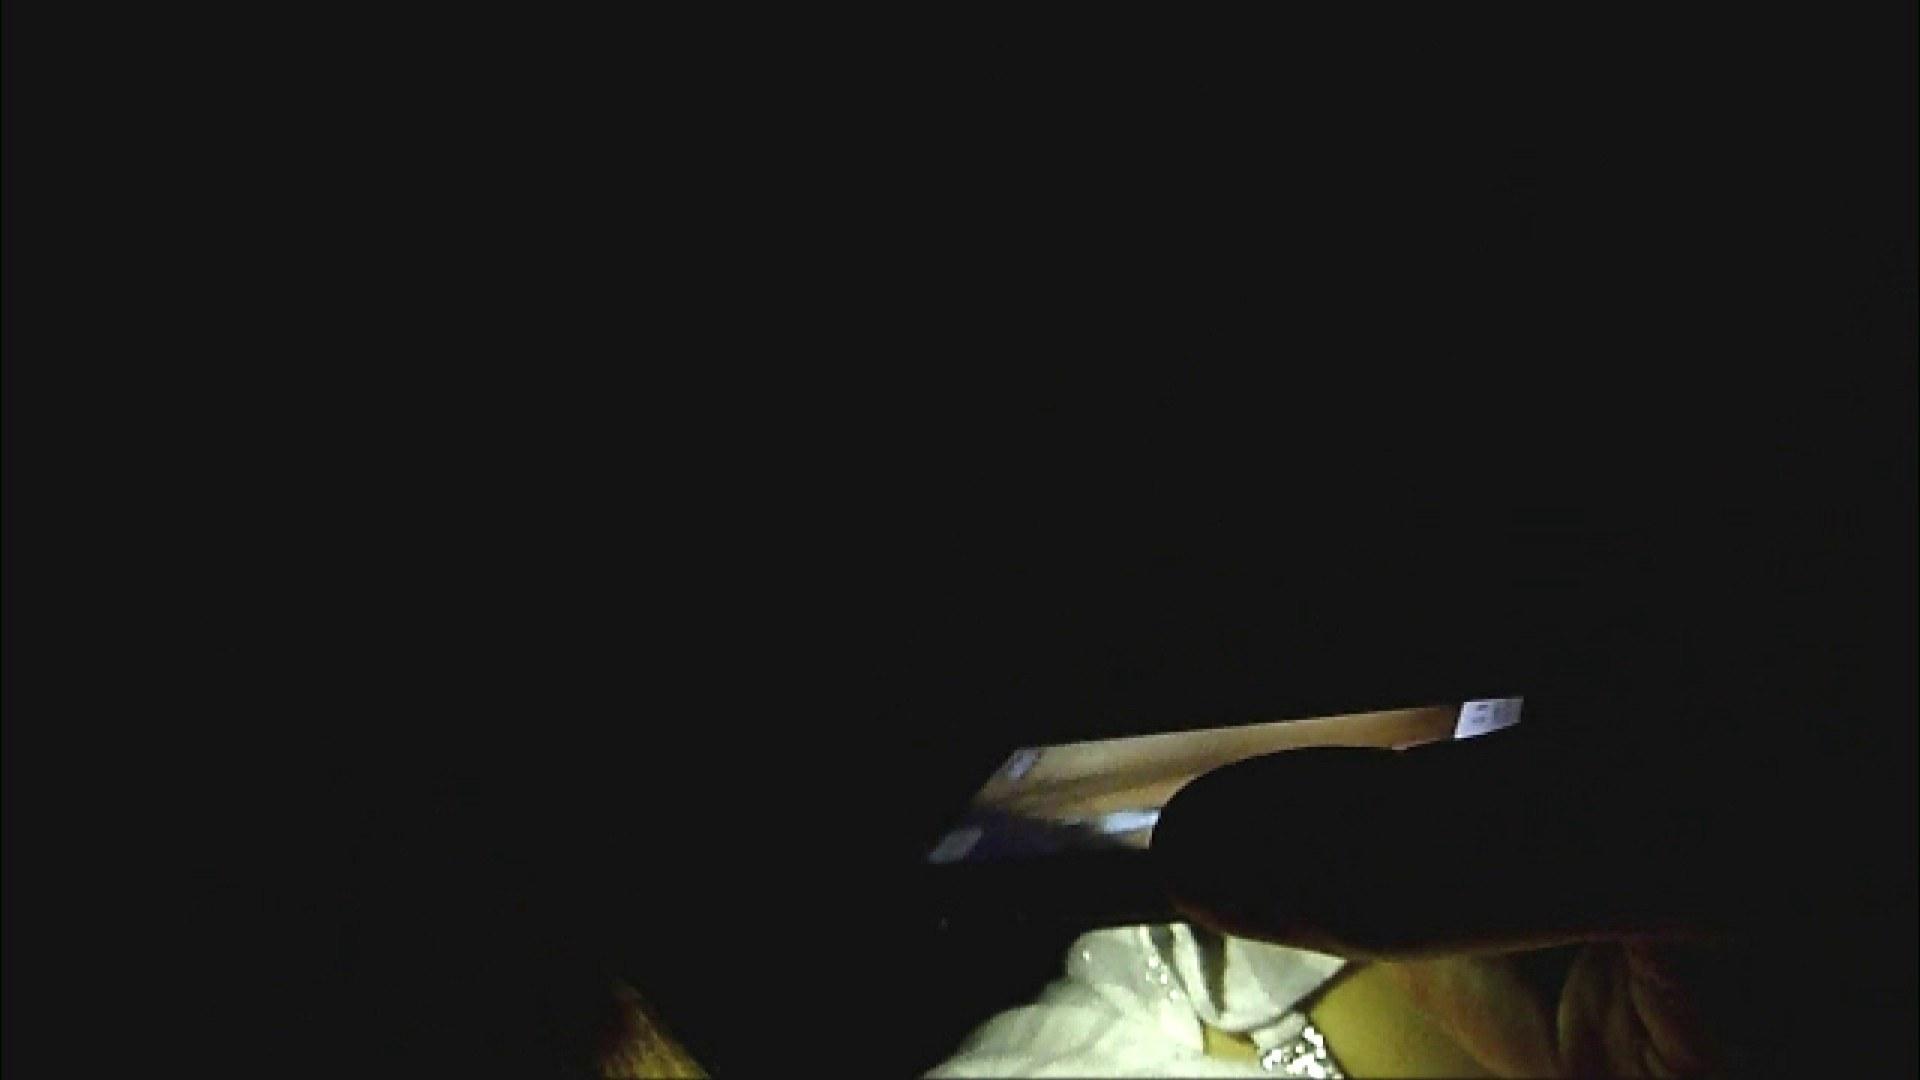 魔術師の お・も・て・な・し vol.01 20歳販売系 ワルノリ   エロティックなOL  61画像 13